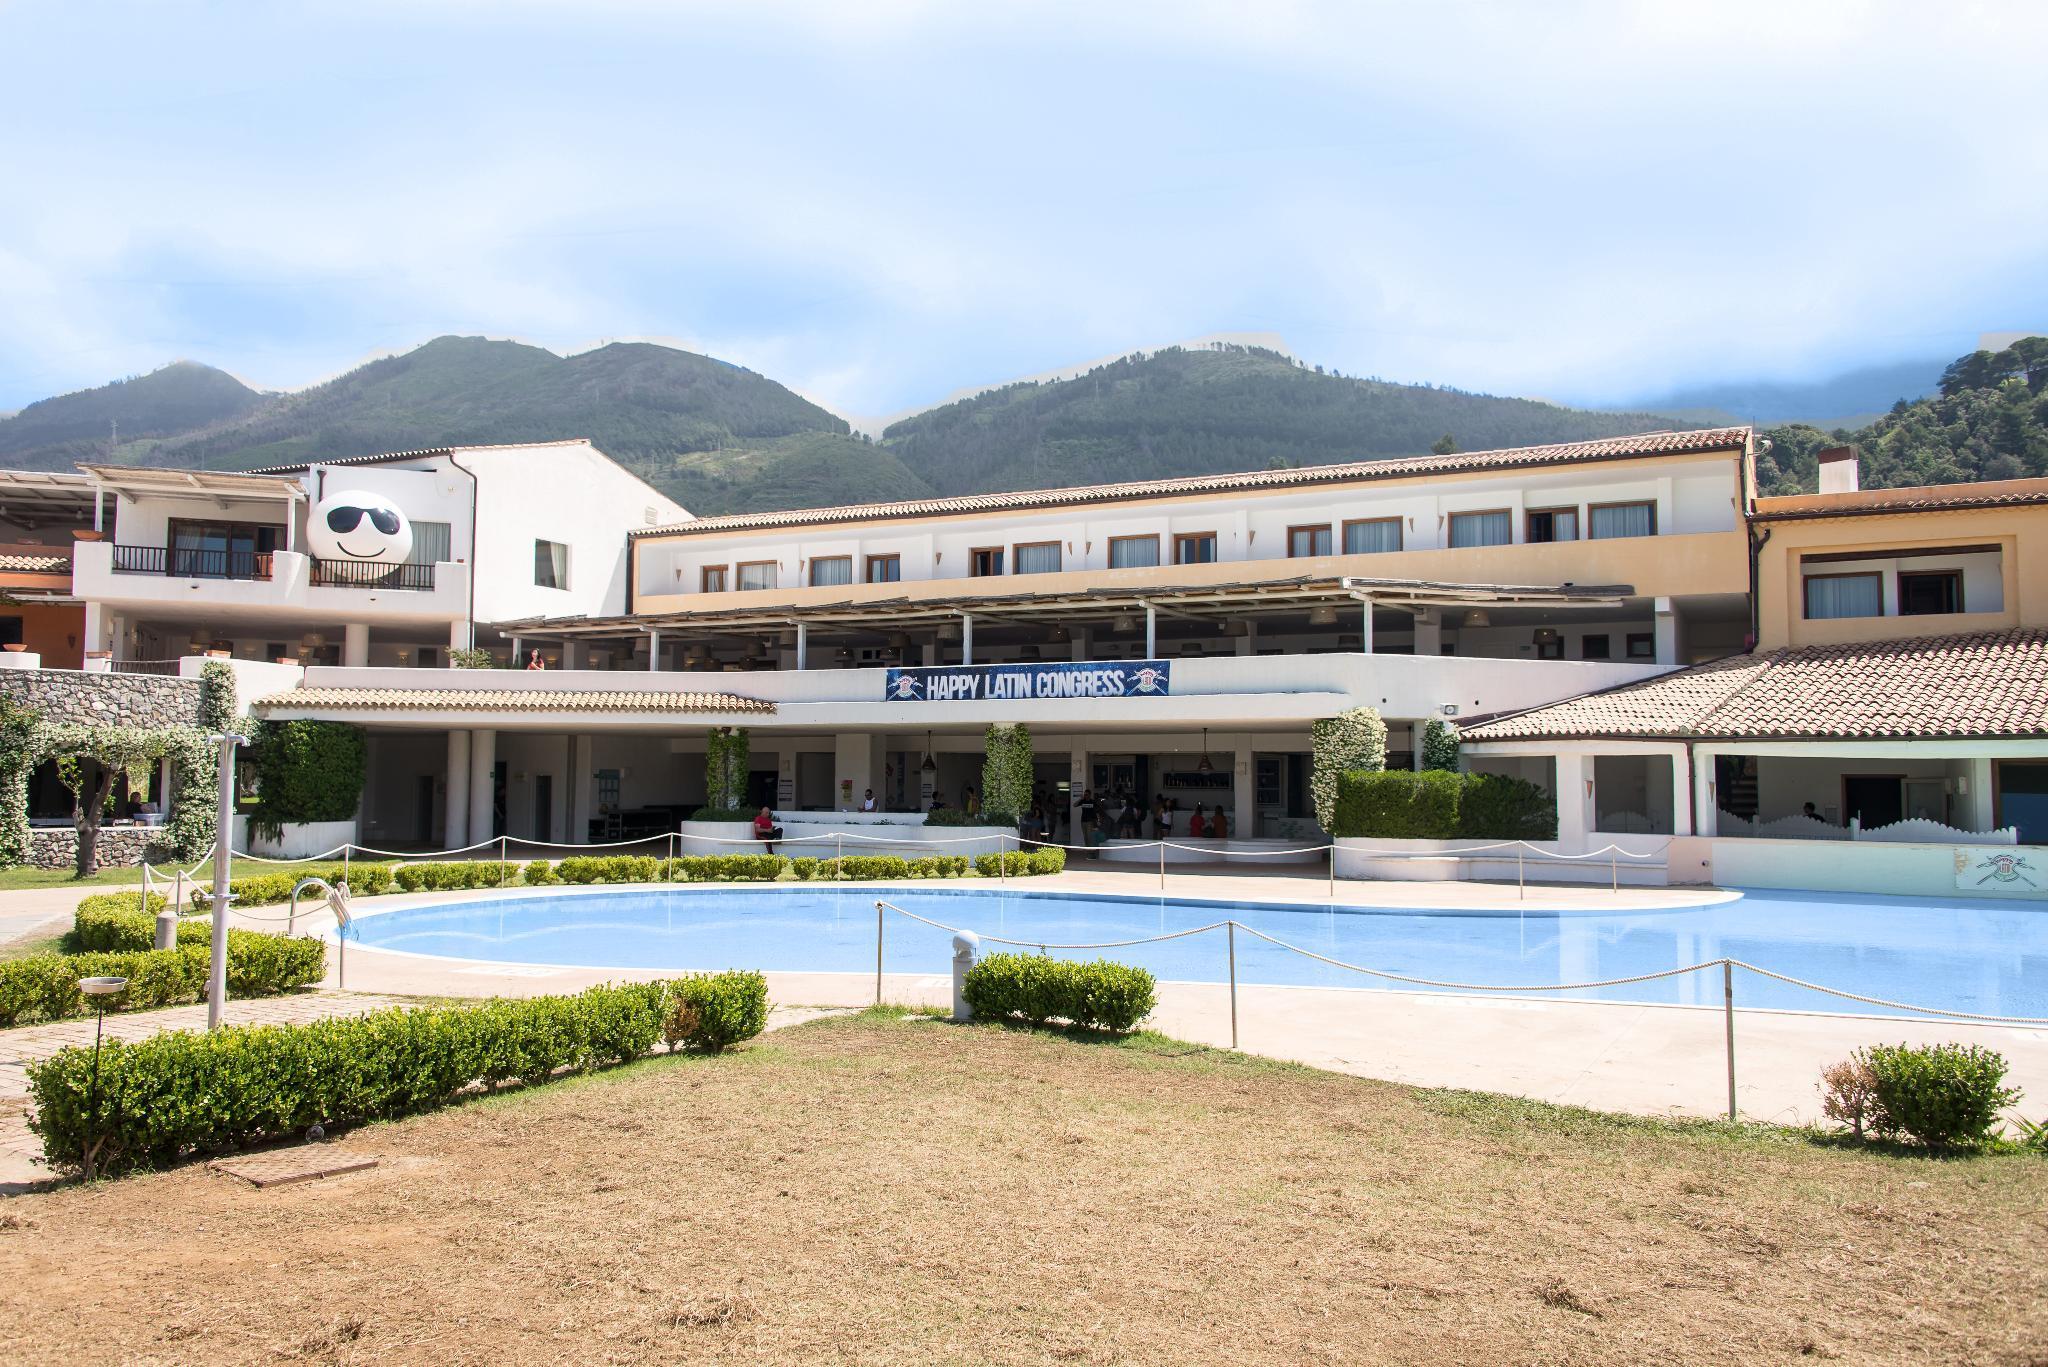 Borgo Fiuzzi Resort And Spa